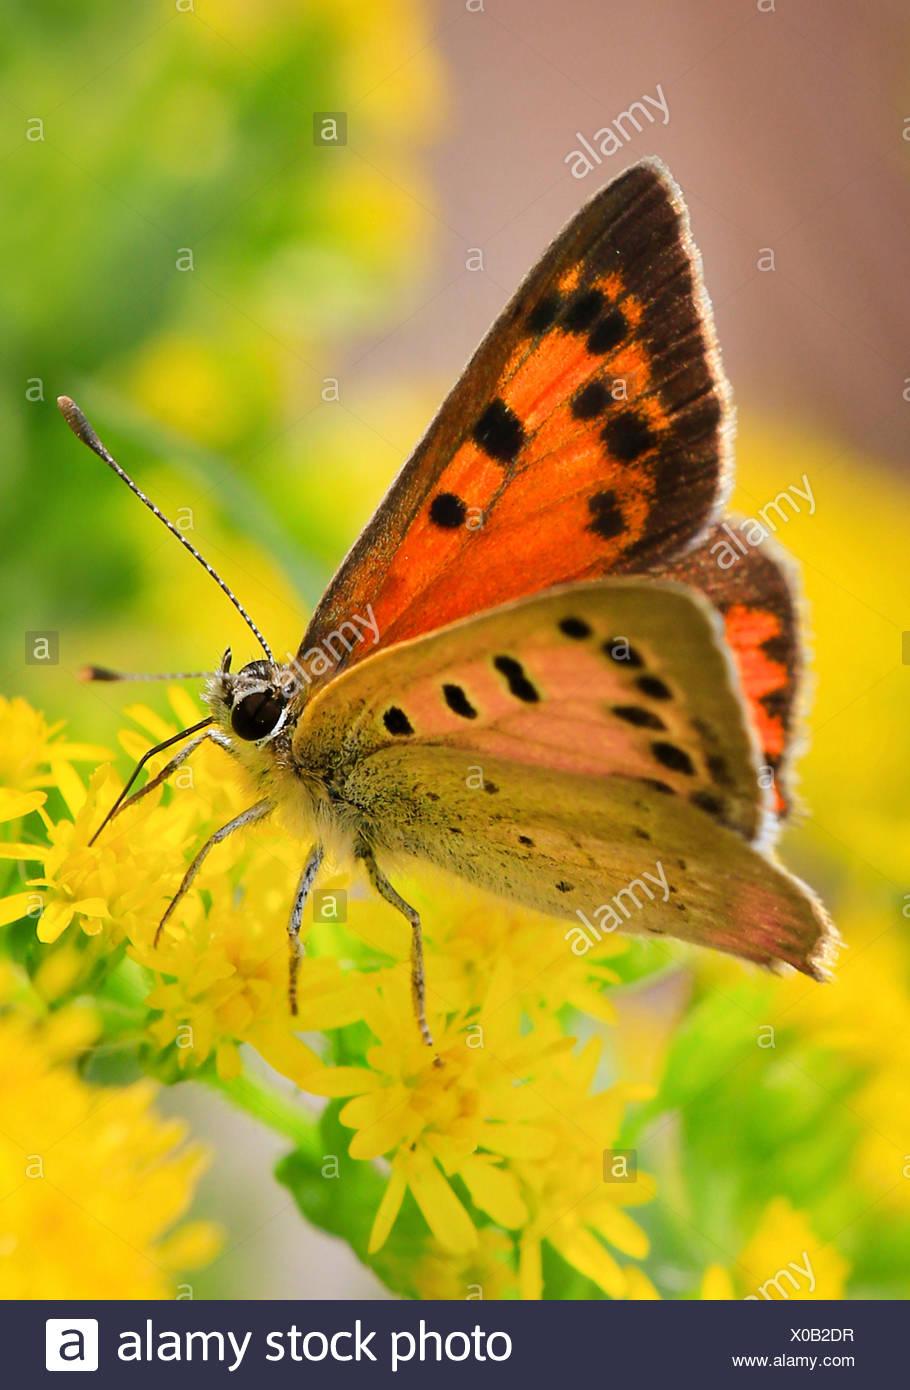 Petit cuivre (Lycaena phlaeas phlaeas), Chrysophanus, sucer le nectar des fleurs jaunes, Allemagne Photo Stock